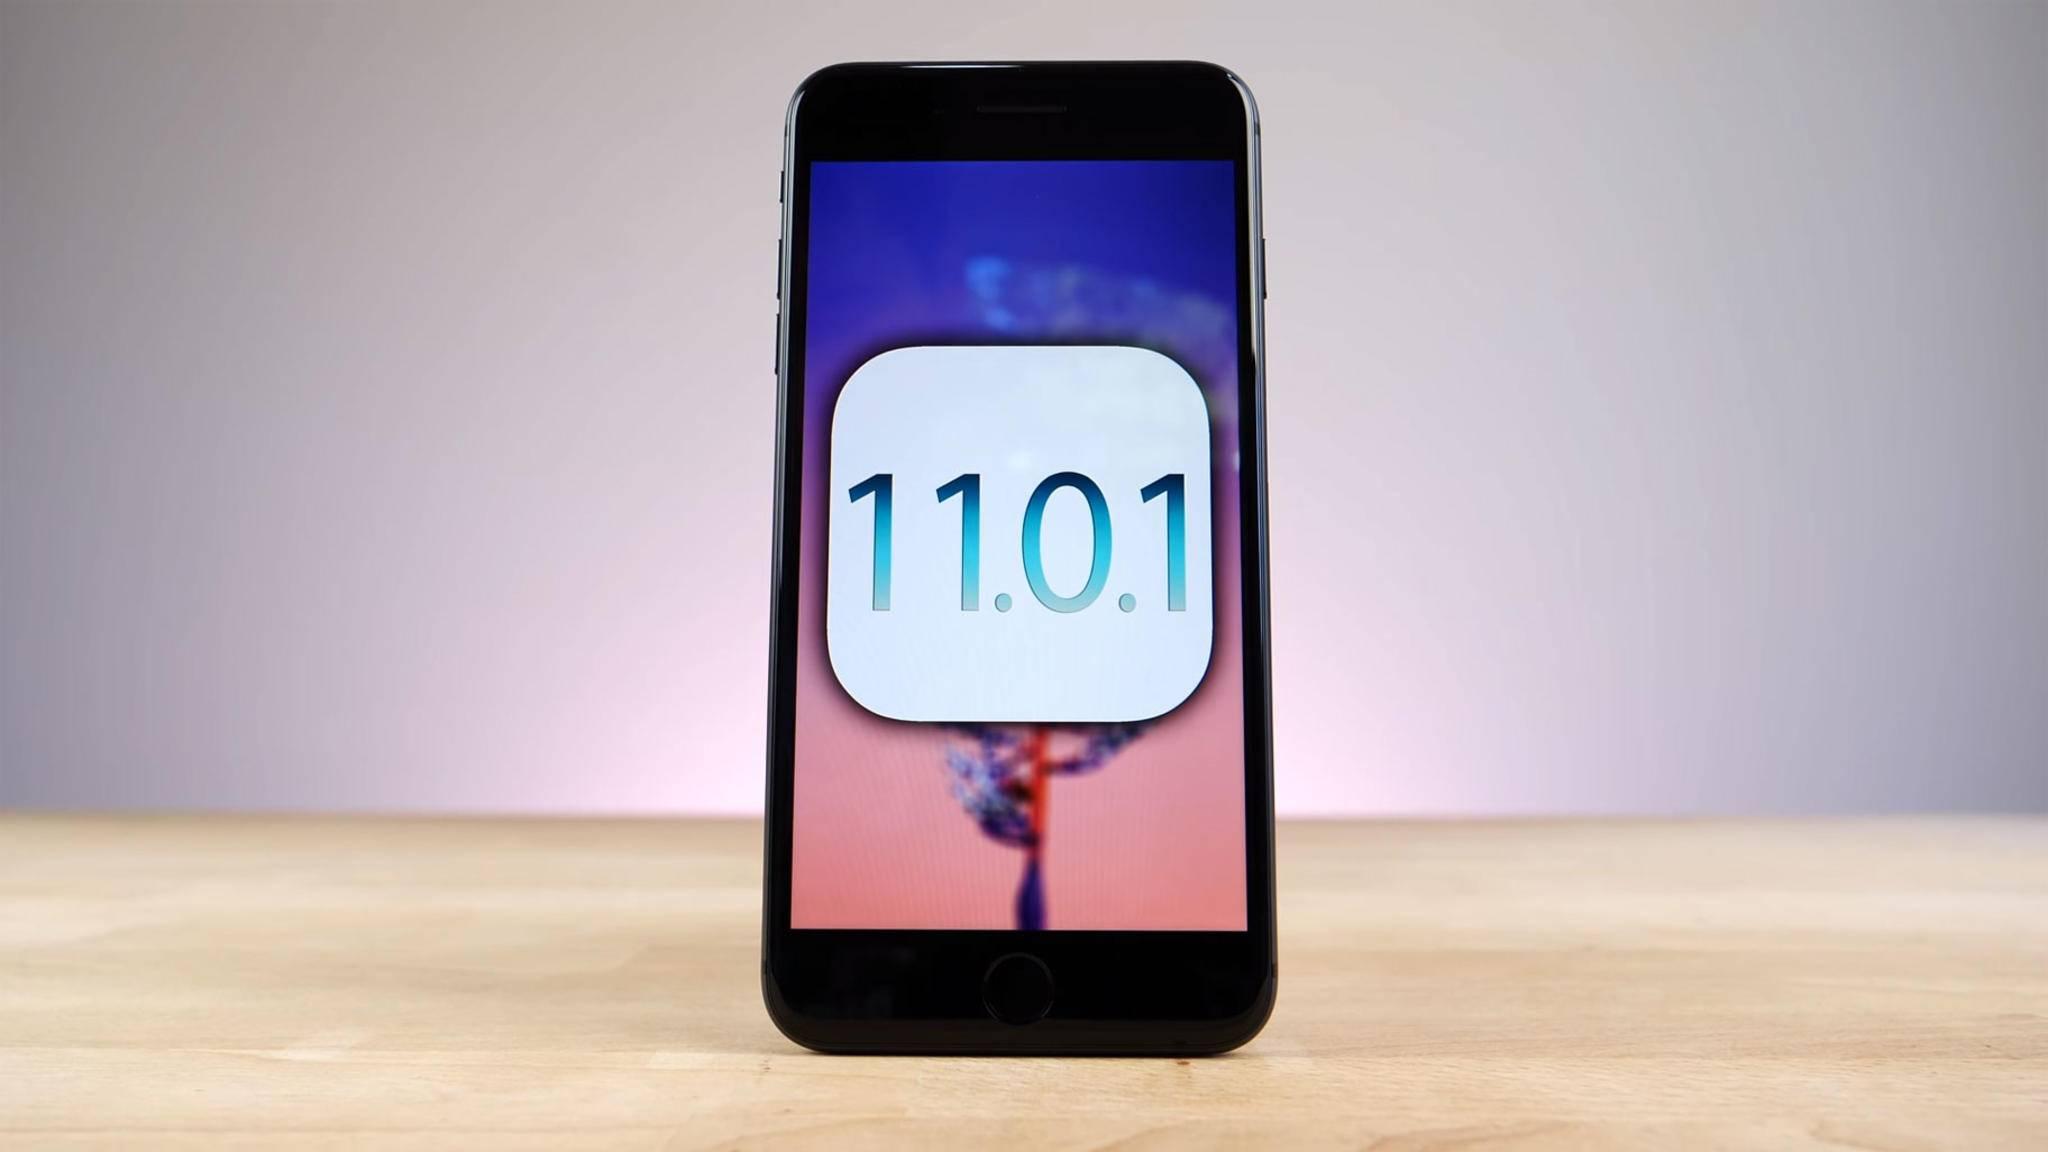 Mit iOS 11.0.1 soll Bugfixes und Verbesserungen für das iPhone mitbringen.